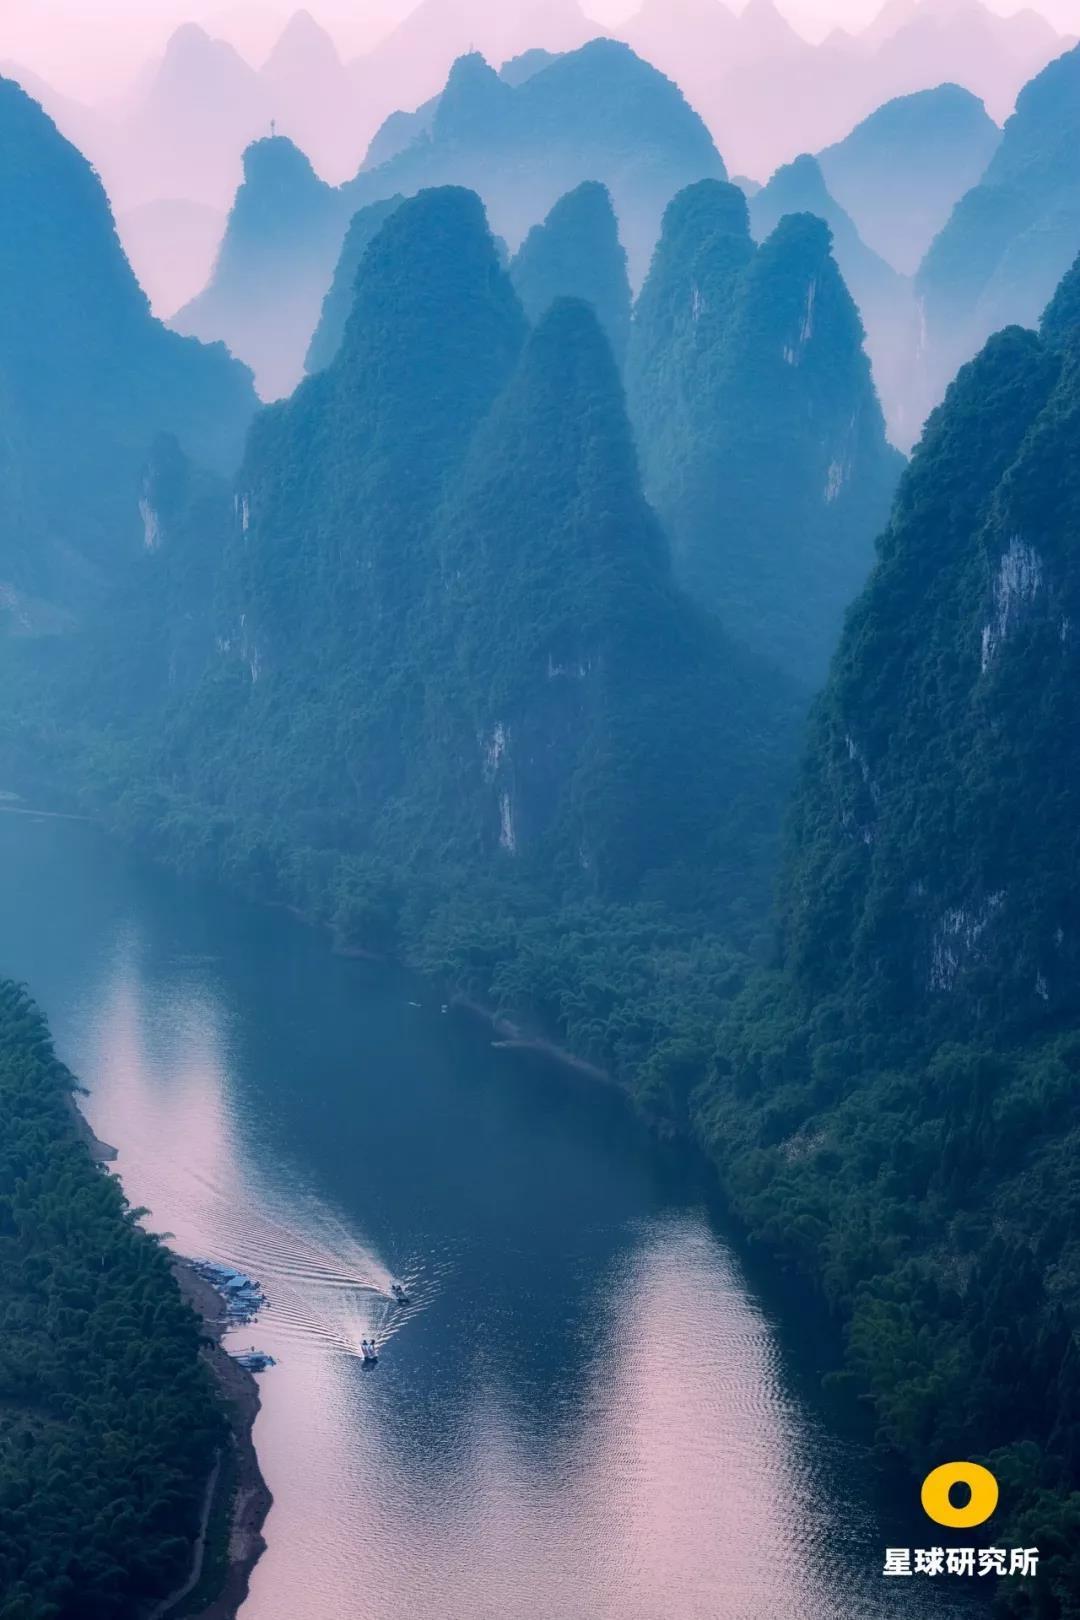 荣峰_中国的喀斯特地貌可以有多美? - 知乎